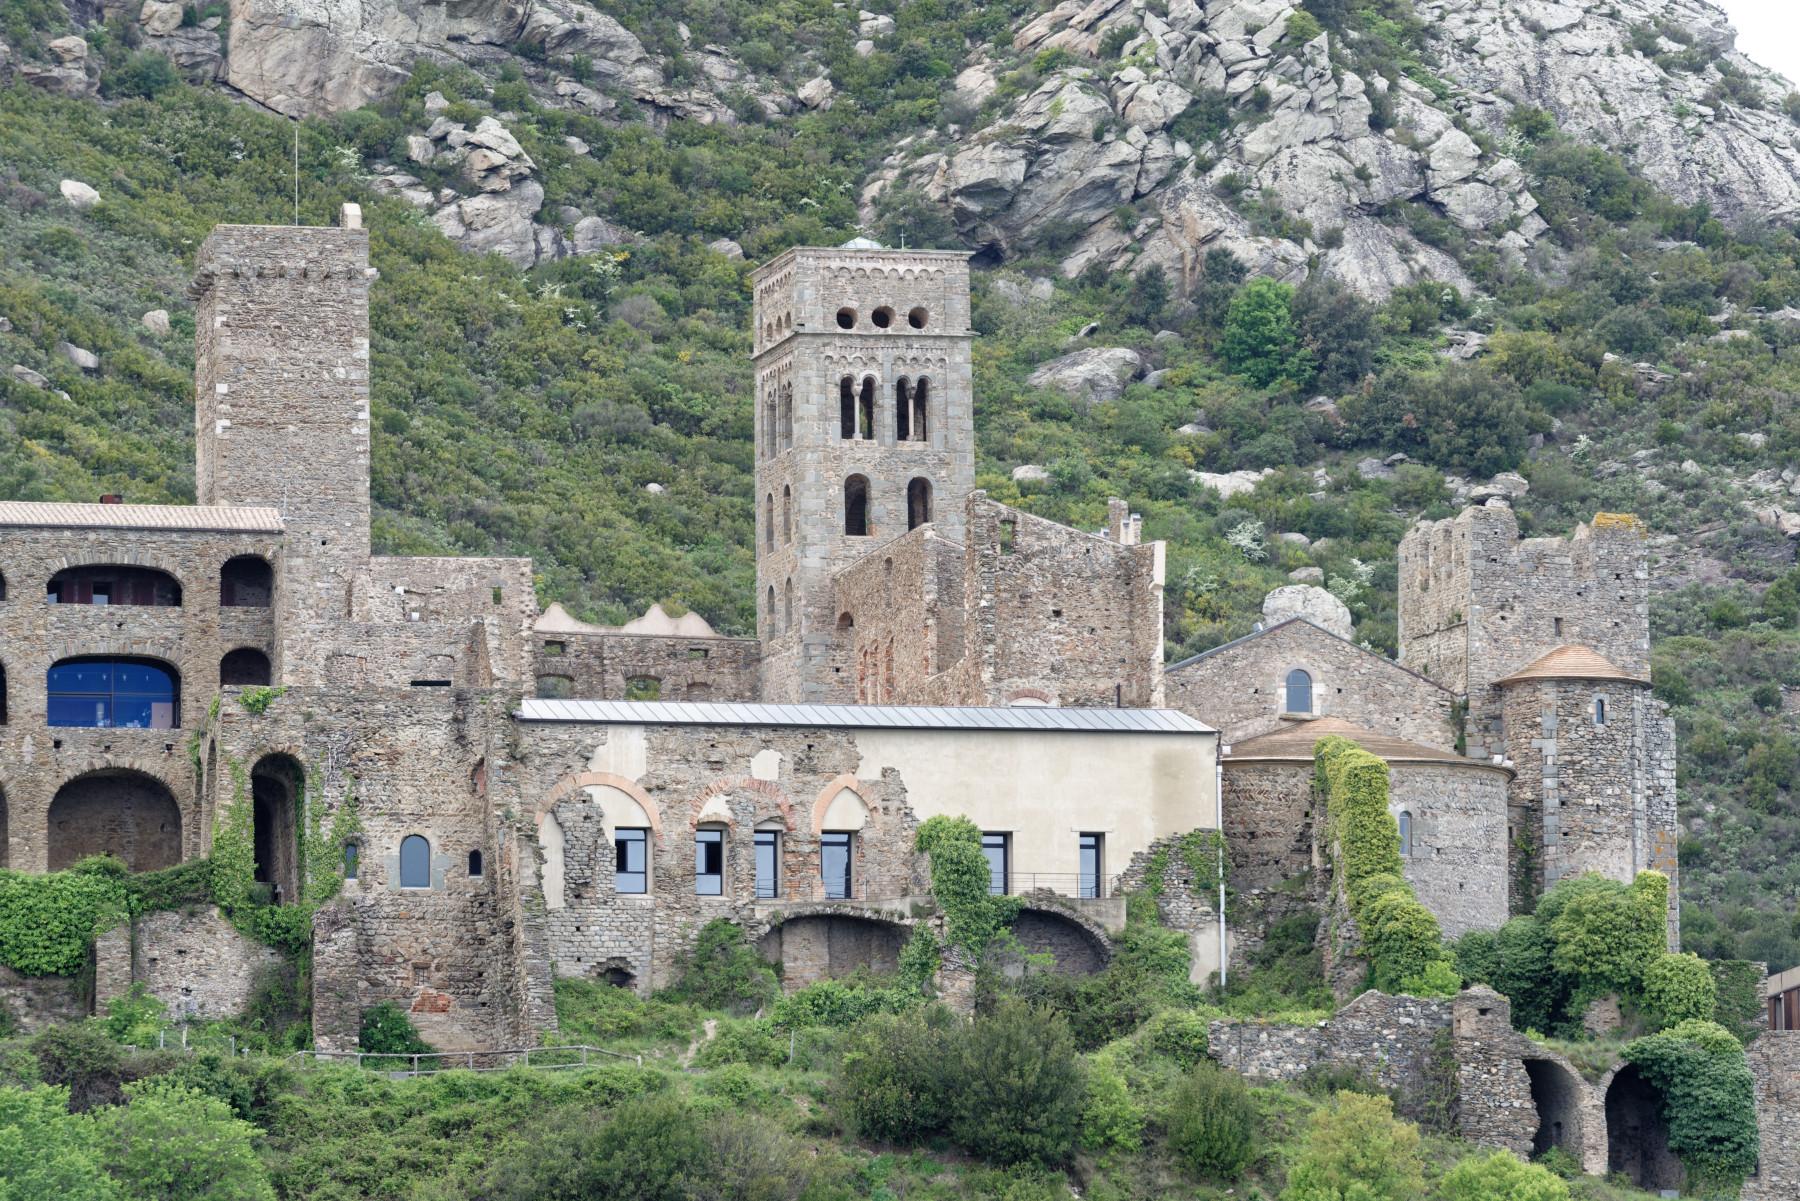 180430-3-Monestir de sant Pedre de Rodes (11) (Catalogne-Espagne)